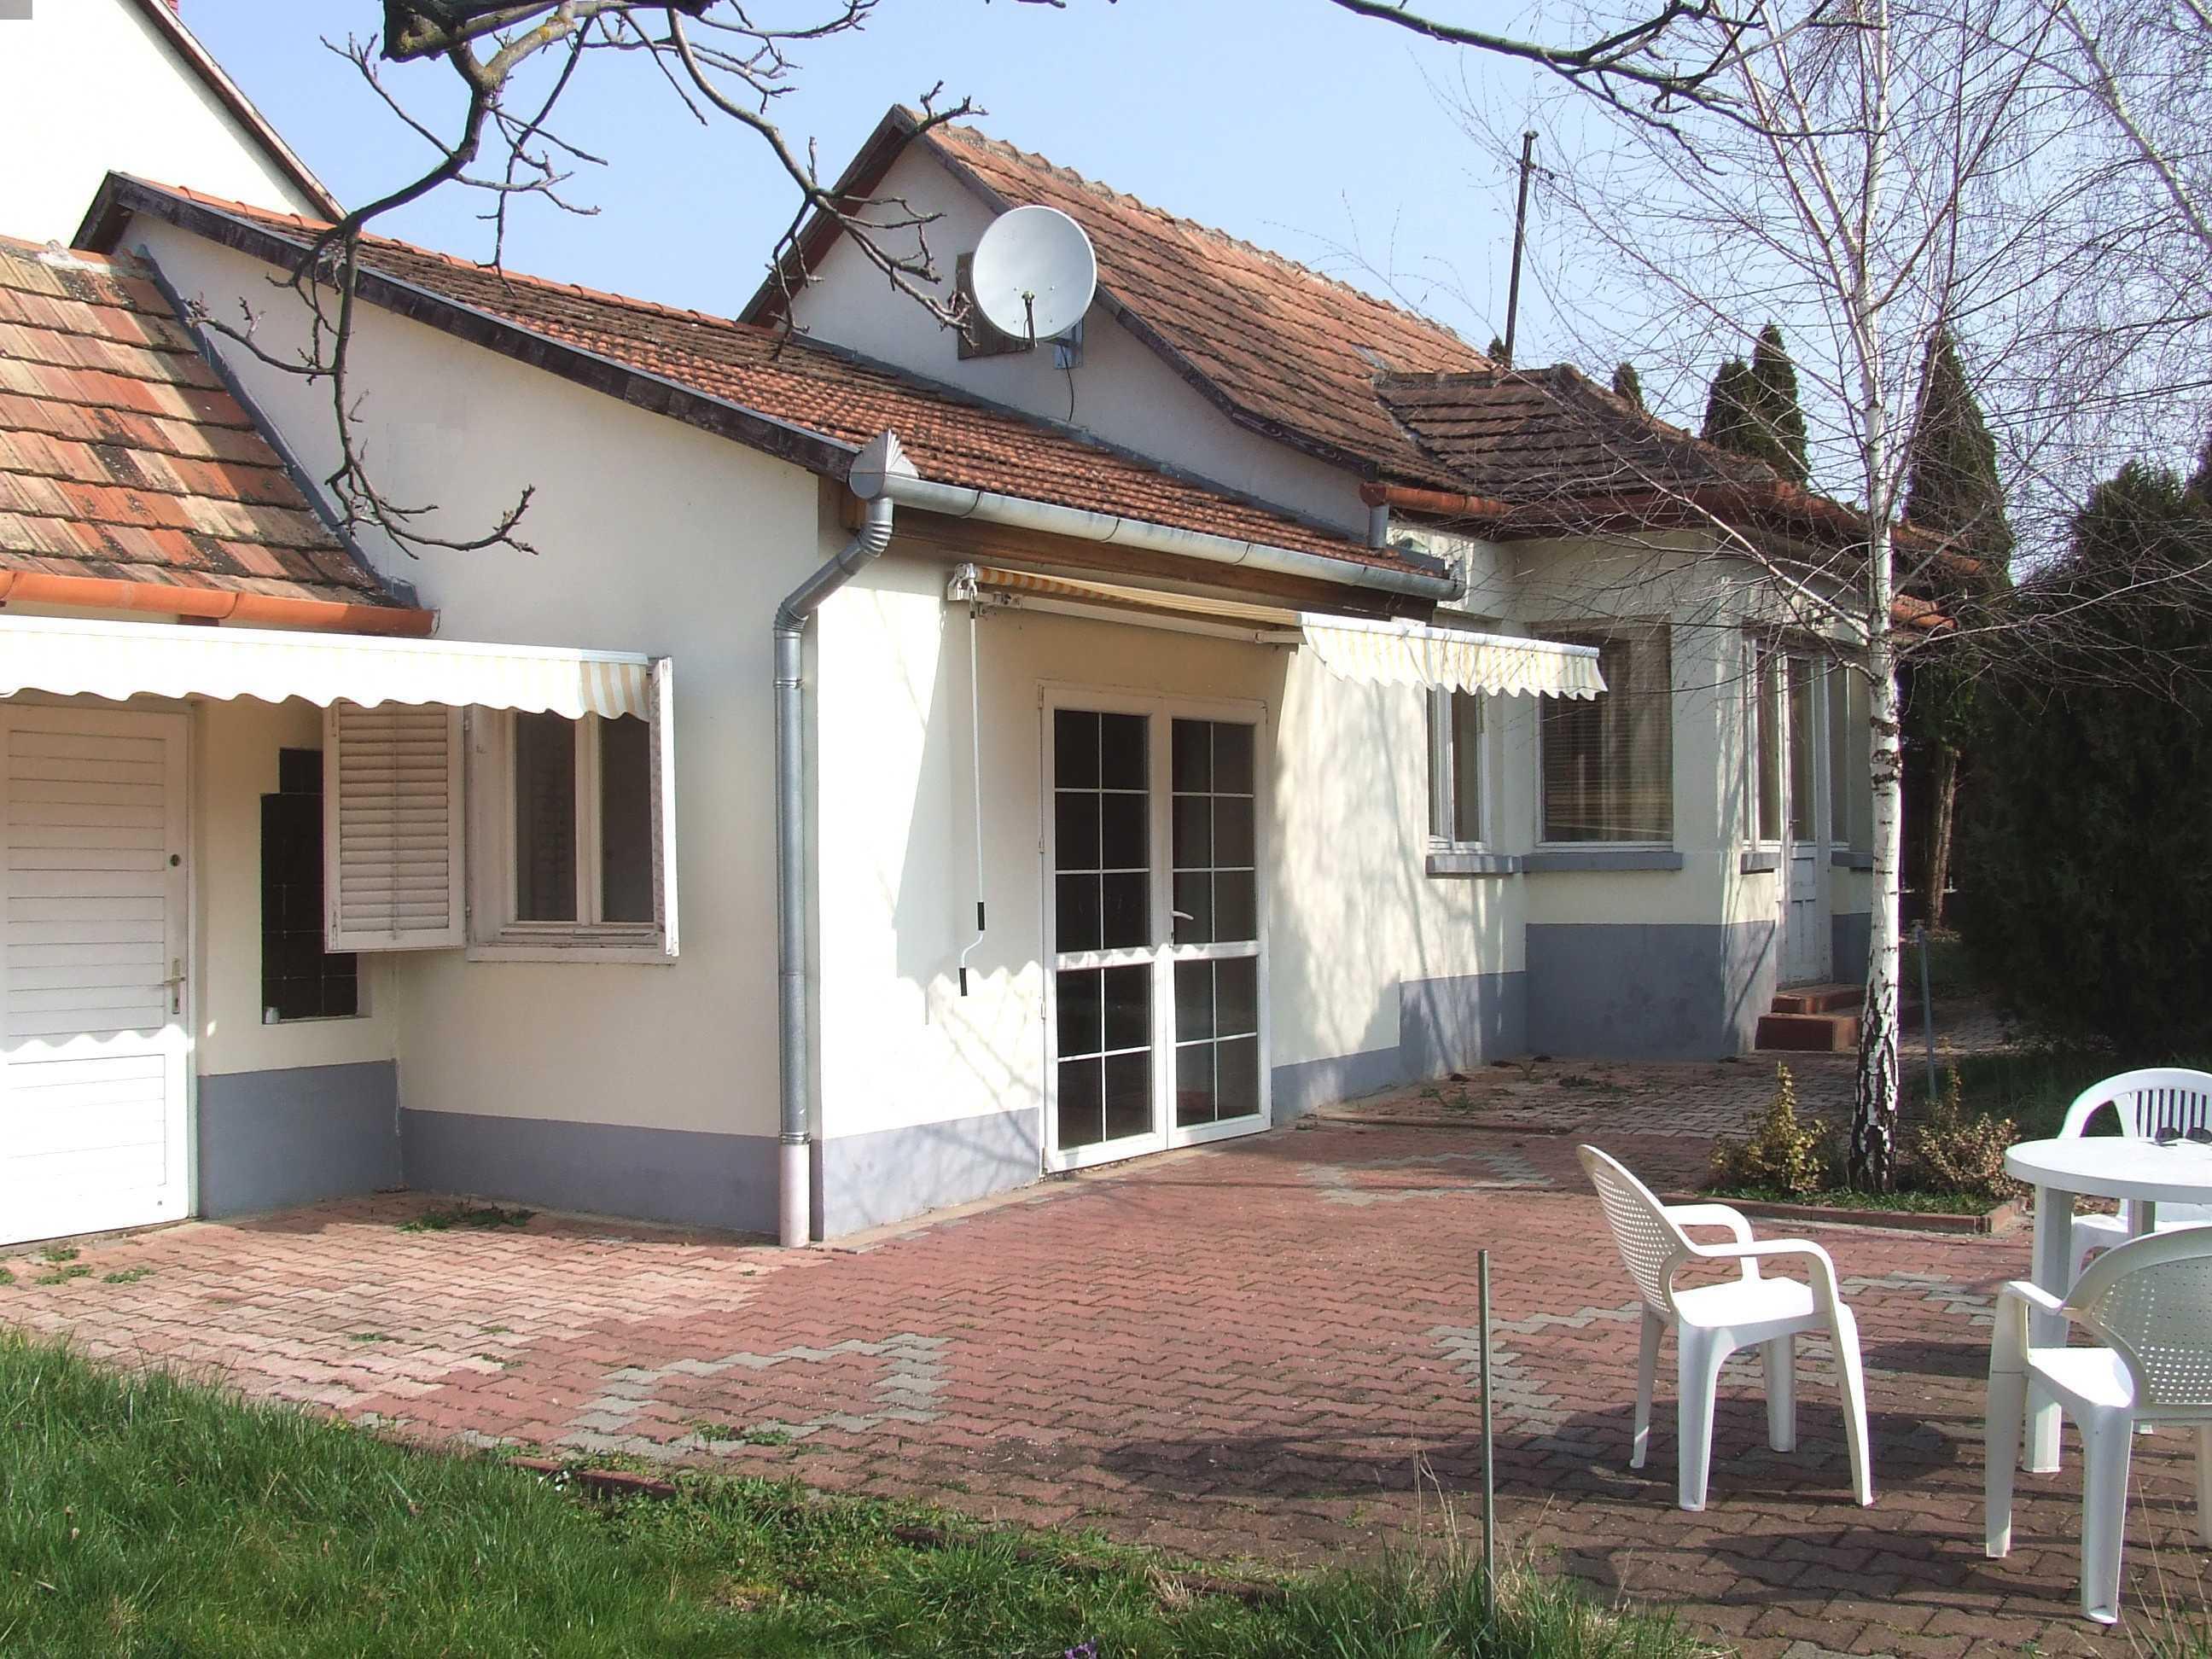 Vente maison ind pendante enying fej r hongrie balatonbozsok - Maison independante energetiquement ...